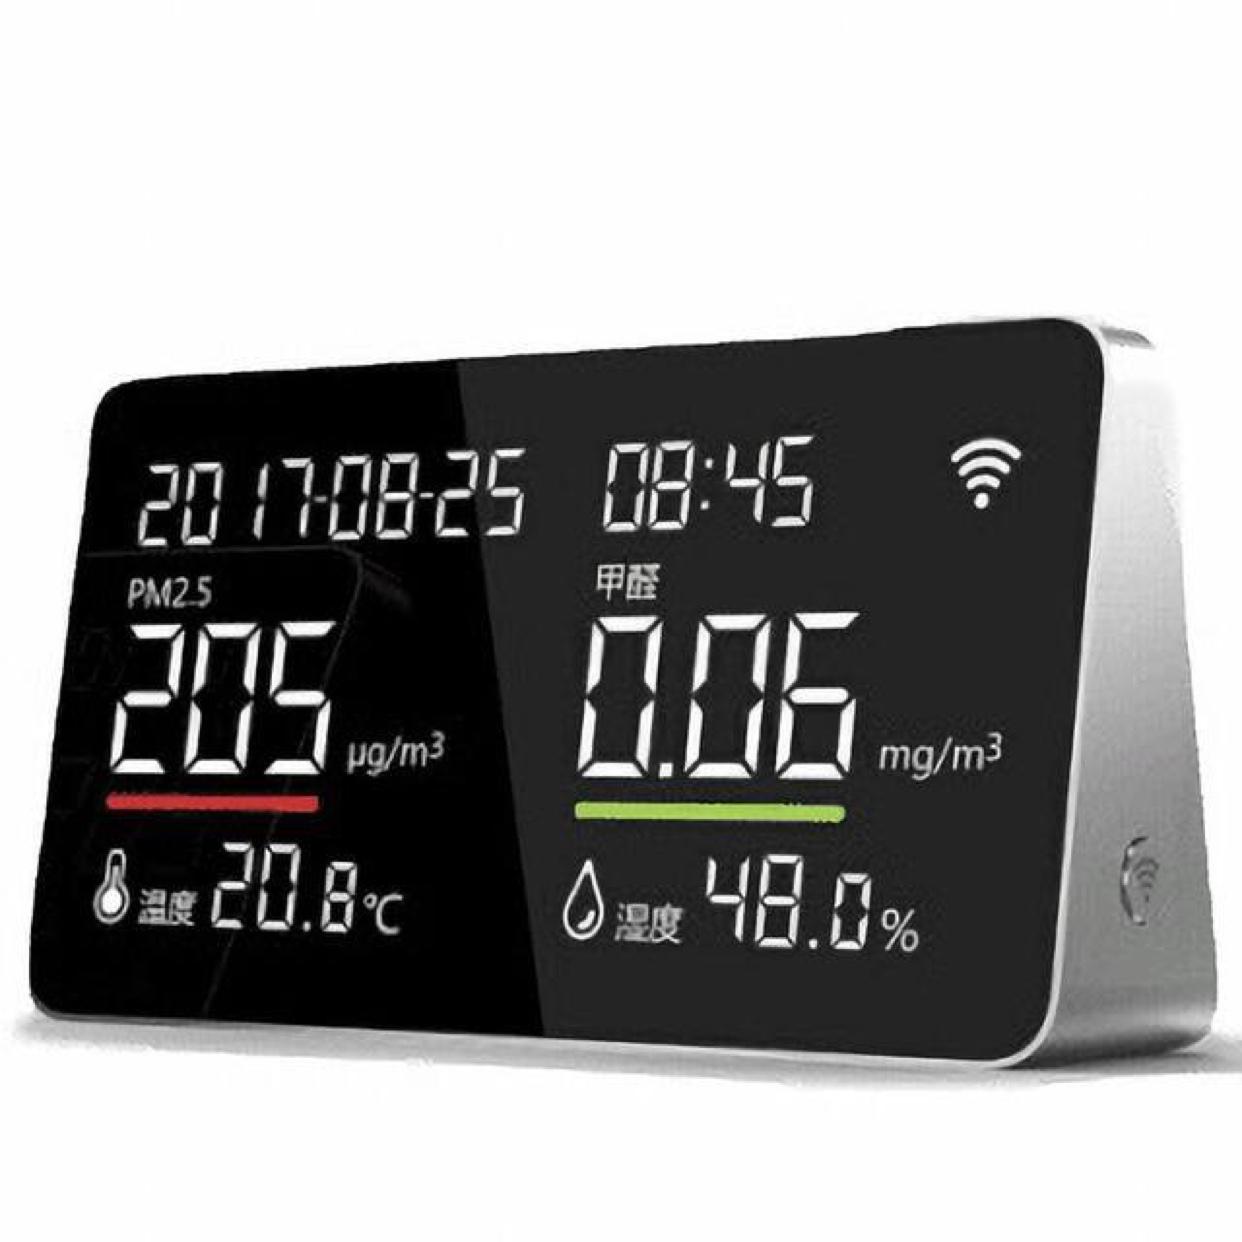 新房甲醛检测仪空气质量测量仪器室内专业家用除甲醇PM2.5测试盒